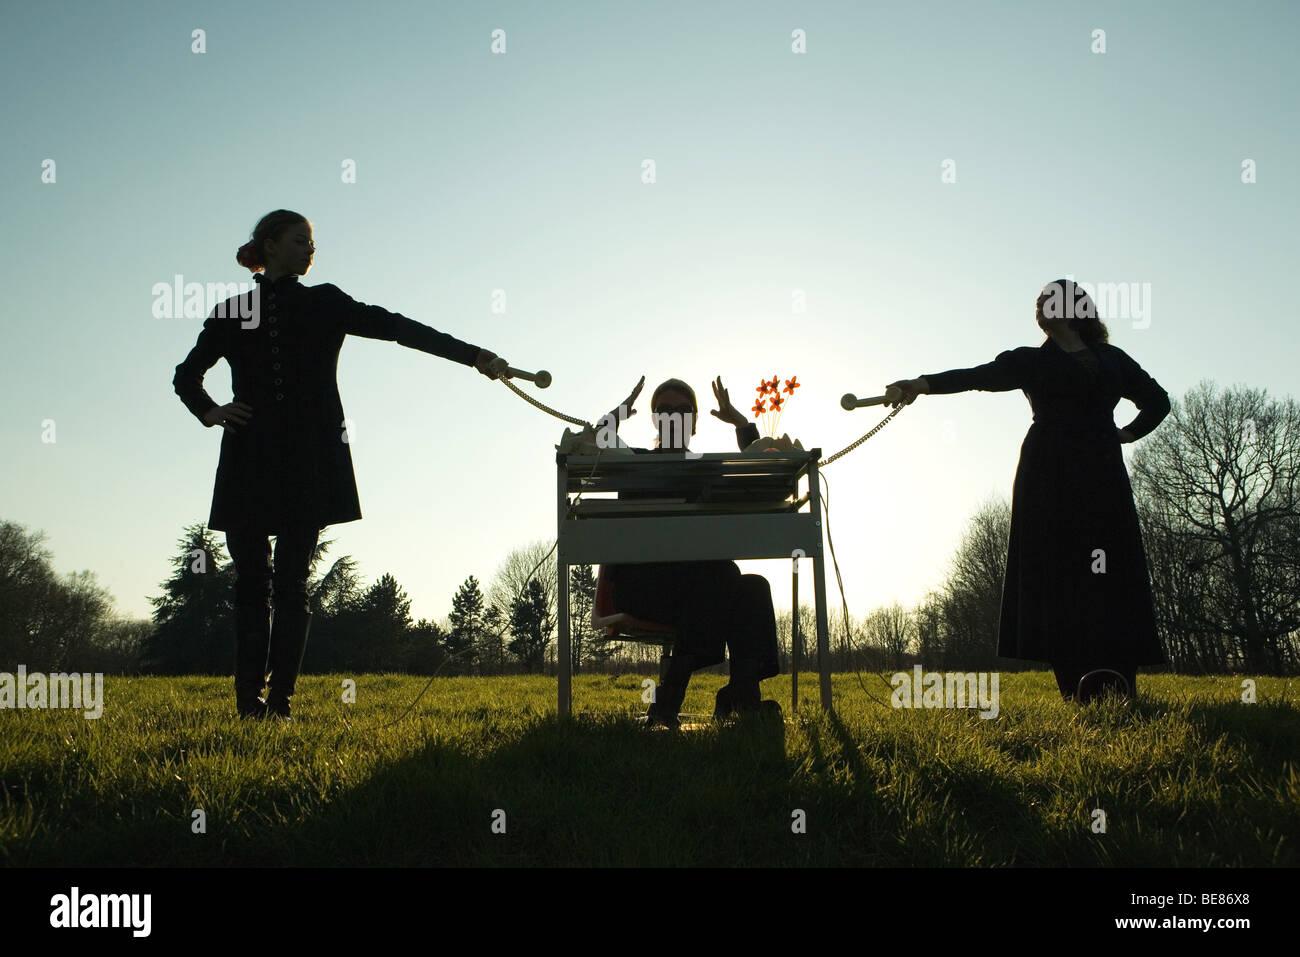 Frau sitzt am Schreibtisch im Feld mit Handzeichen, Weibchen halten, Festnetz-Telefone auf beiden Seiten, Silhouette Stockfoto